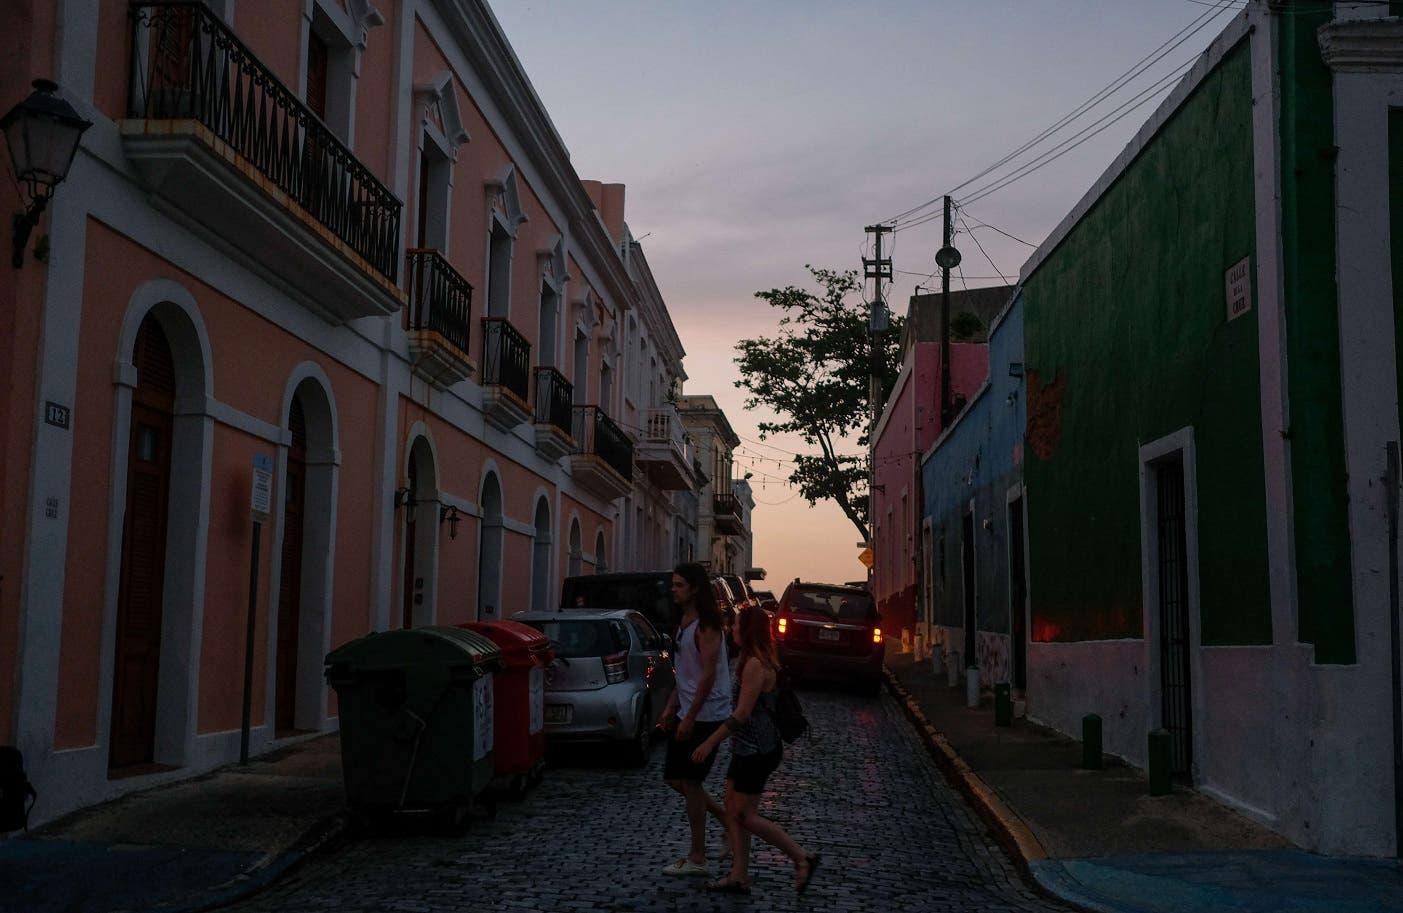 Dos turistas en transitan por una calle de San Juan, capital de Puerto Rico, que aún padece la falta de suministro estable de electricidad tras el pasao del huracán María en septiembre del año pasado.